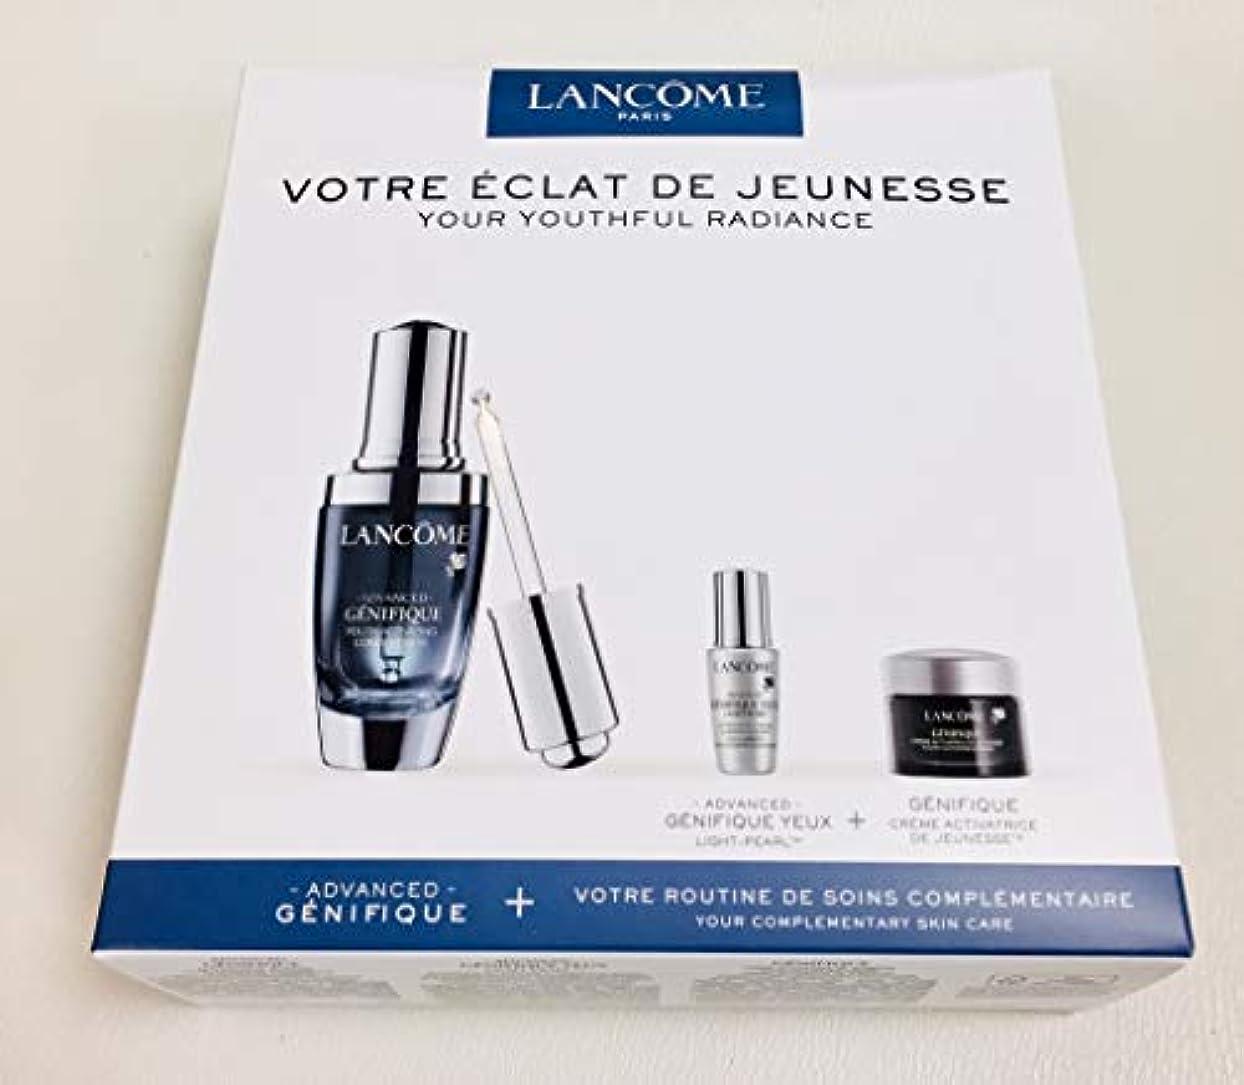 対応する試験確立ランコム Genifique Your Youthful Radiance Set: Genifique Concentrate 30ml + Genifique Yeux Light-Pearl 5ml + Genifique...